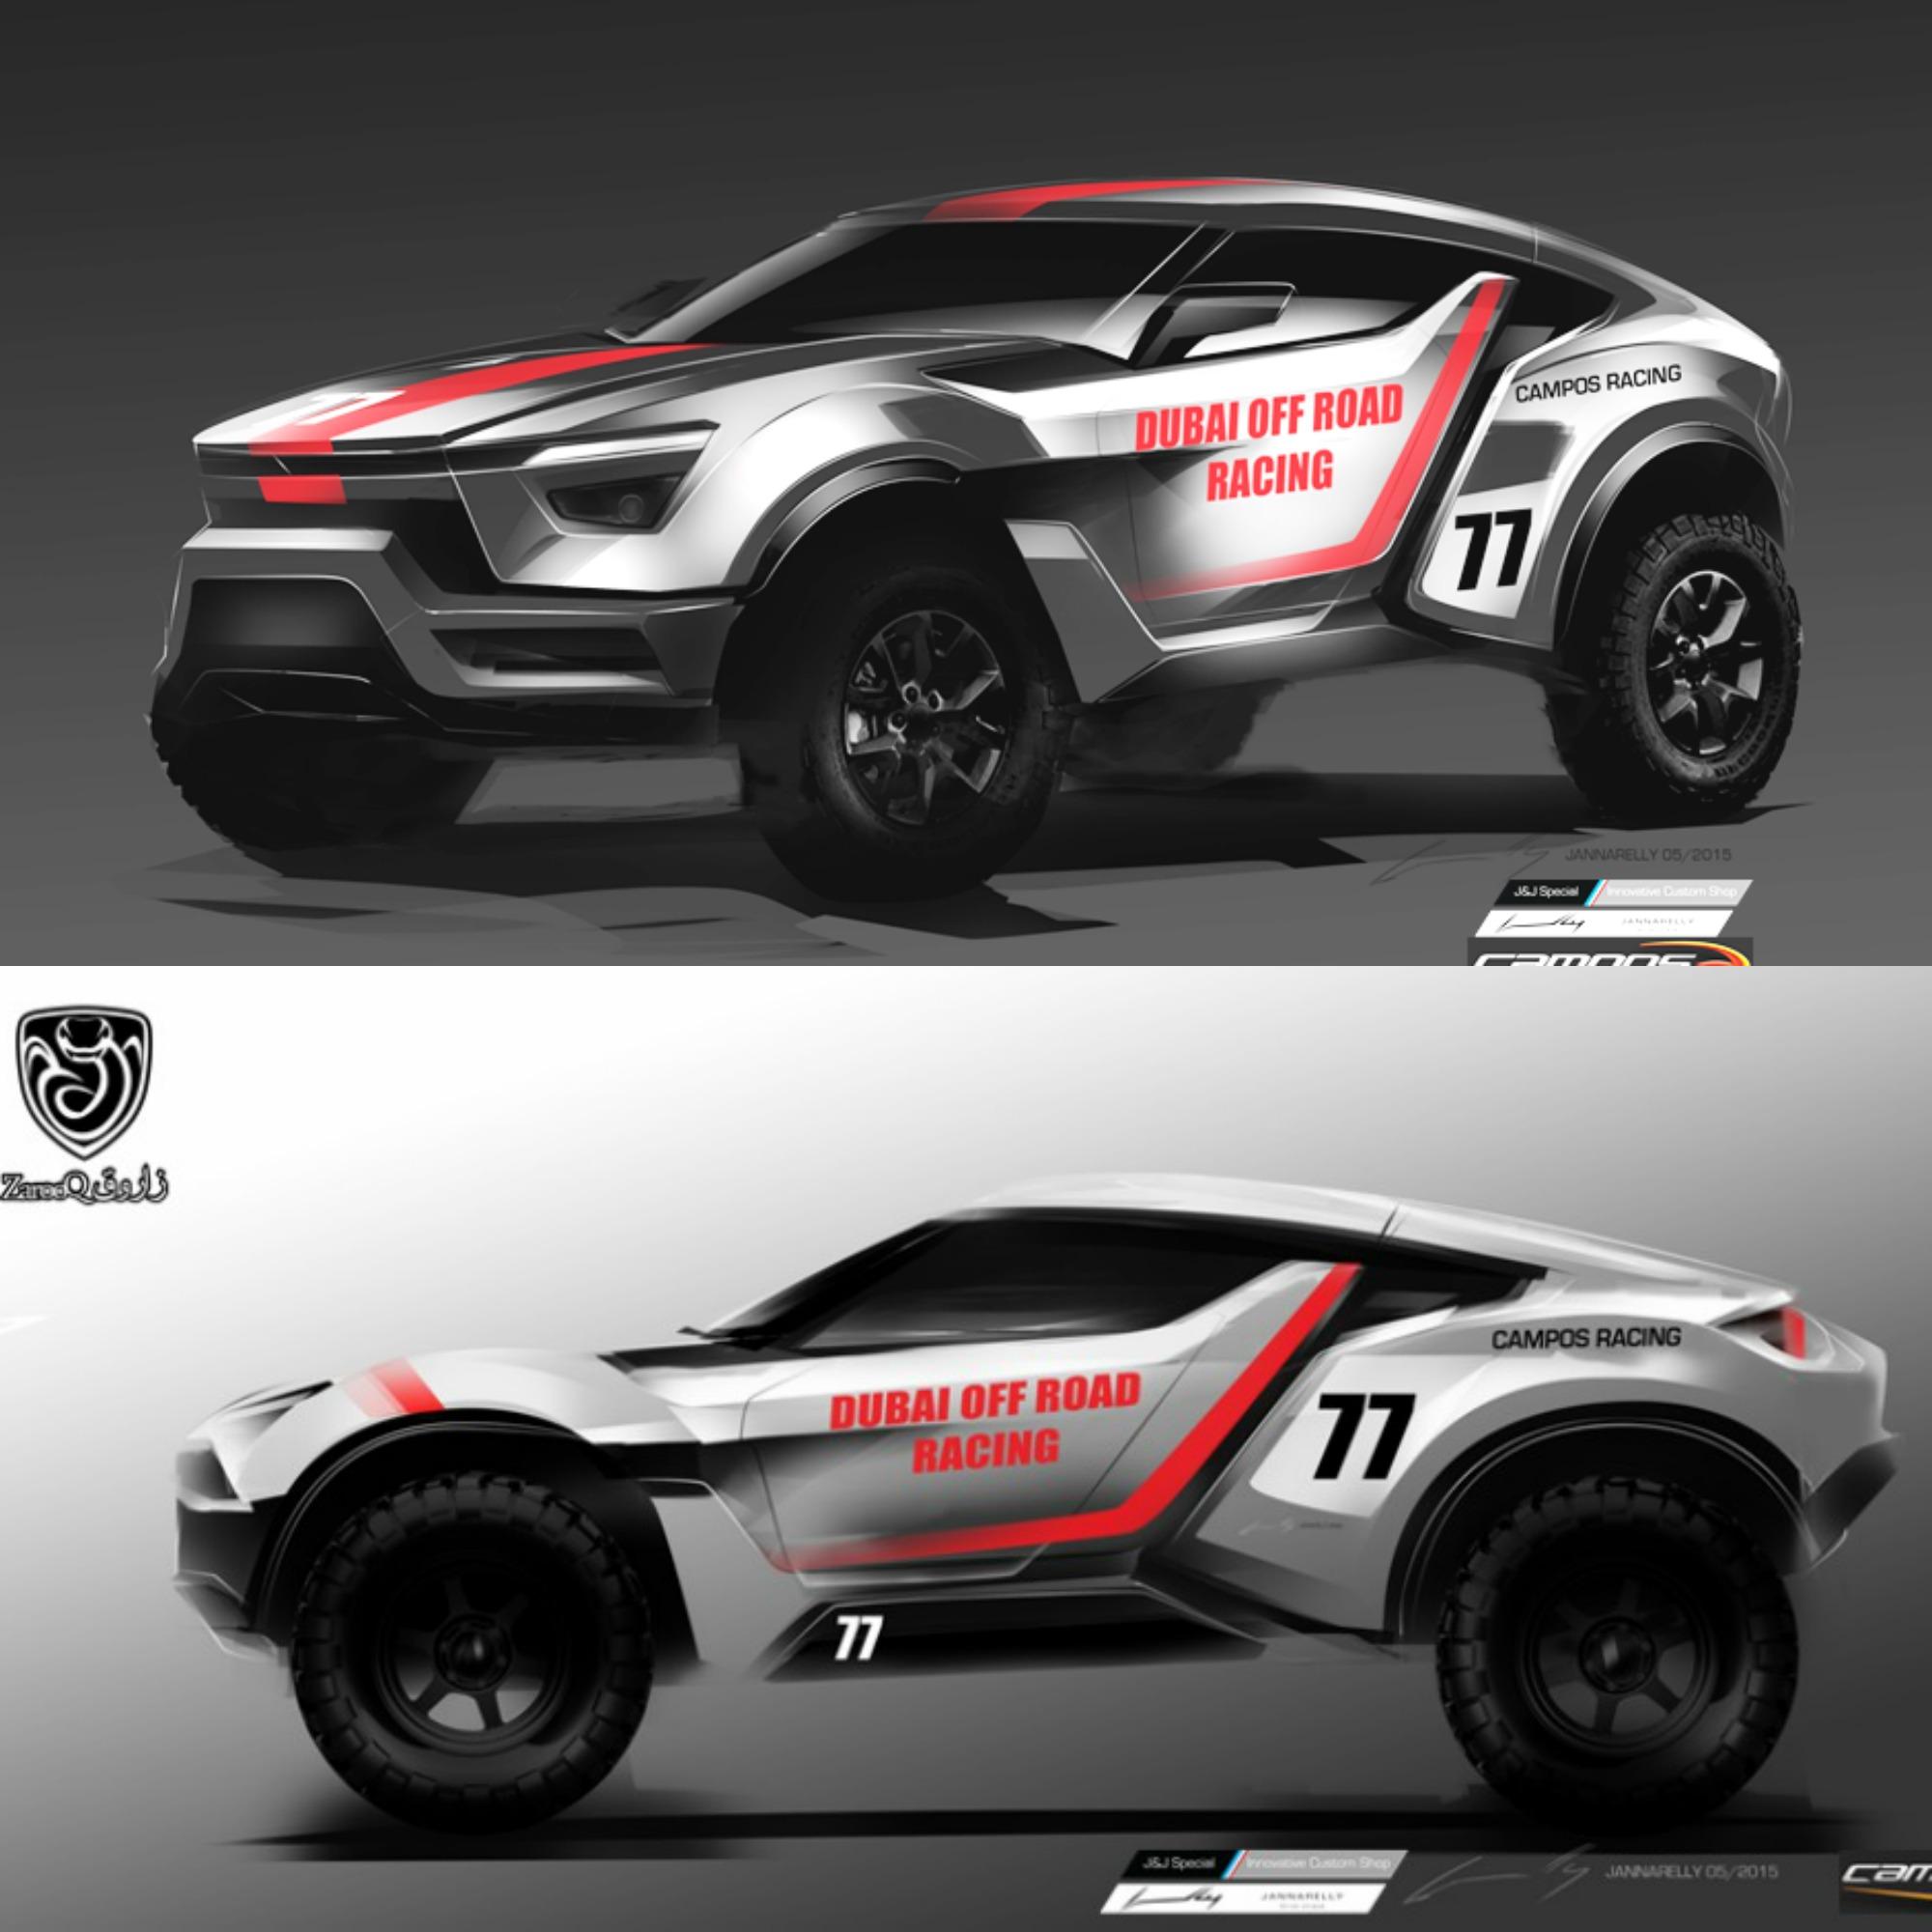 Zarooq Motors, la prima auto 'da deserto' costruita negli Emirati Arabi Uniti